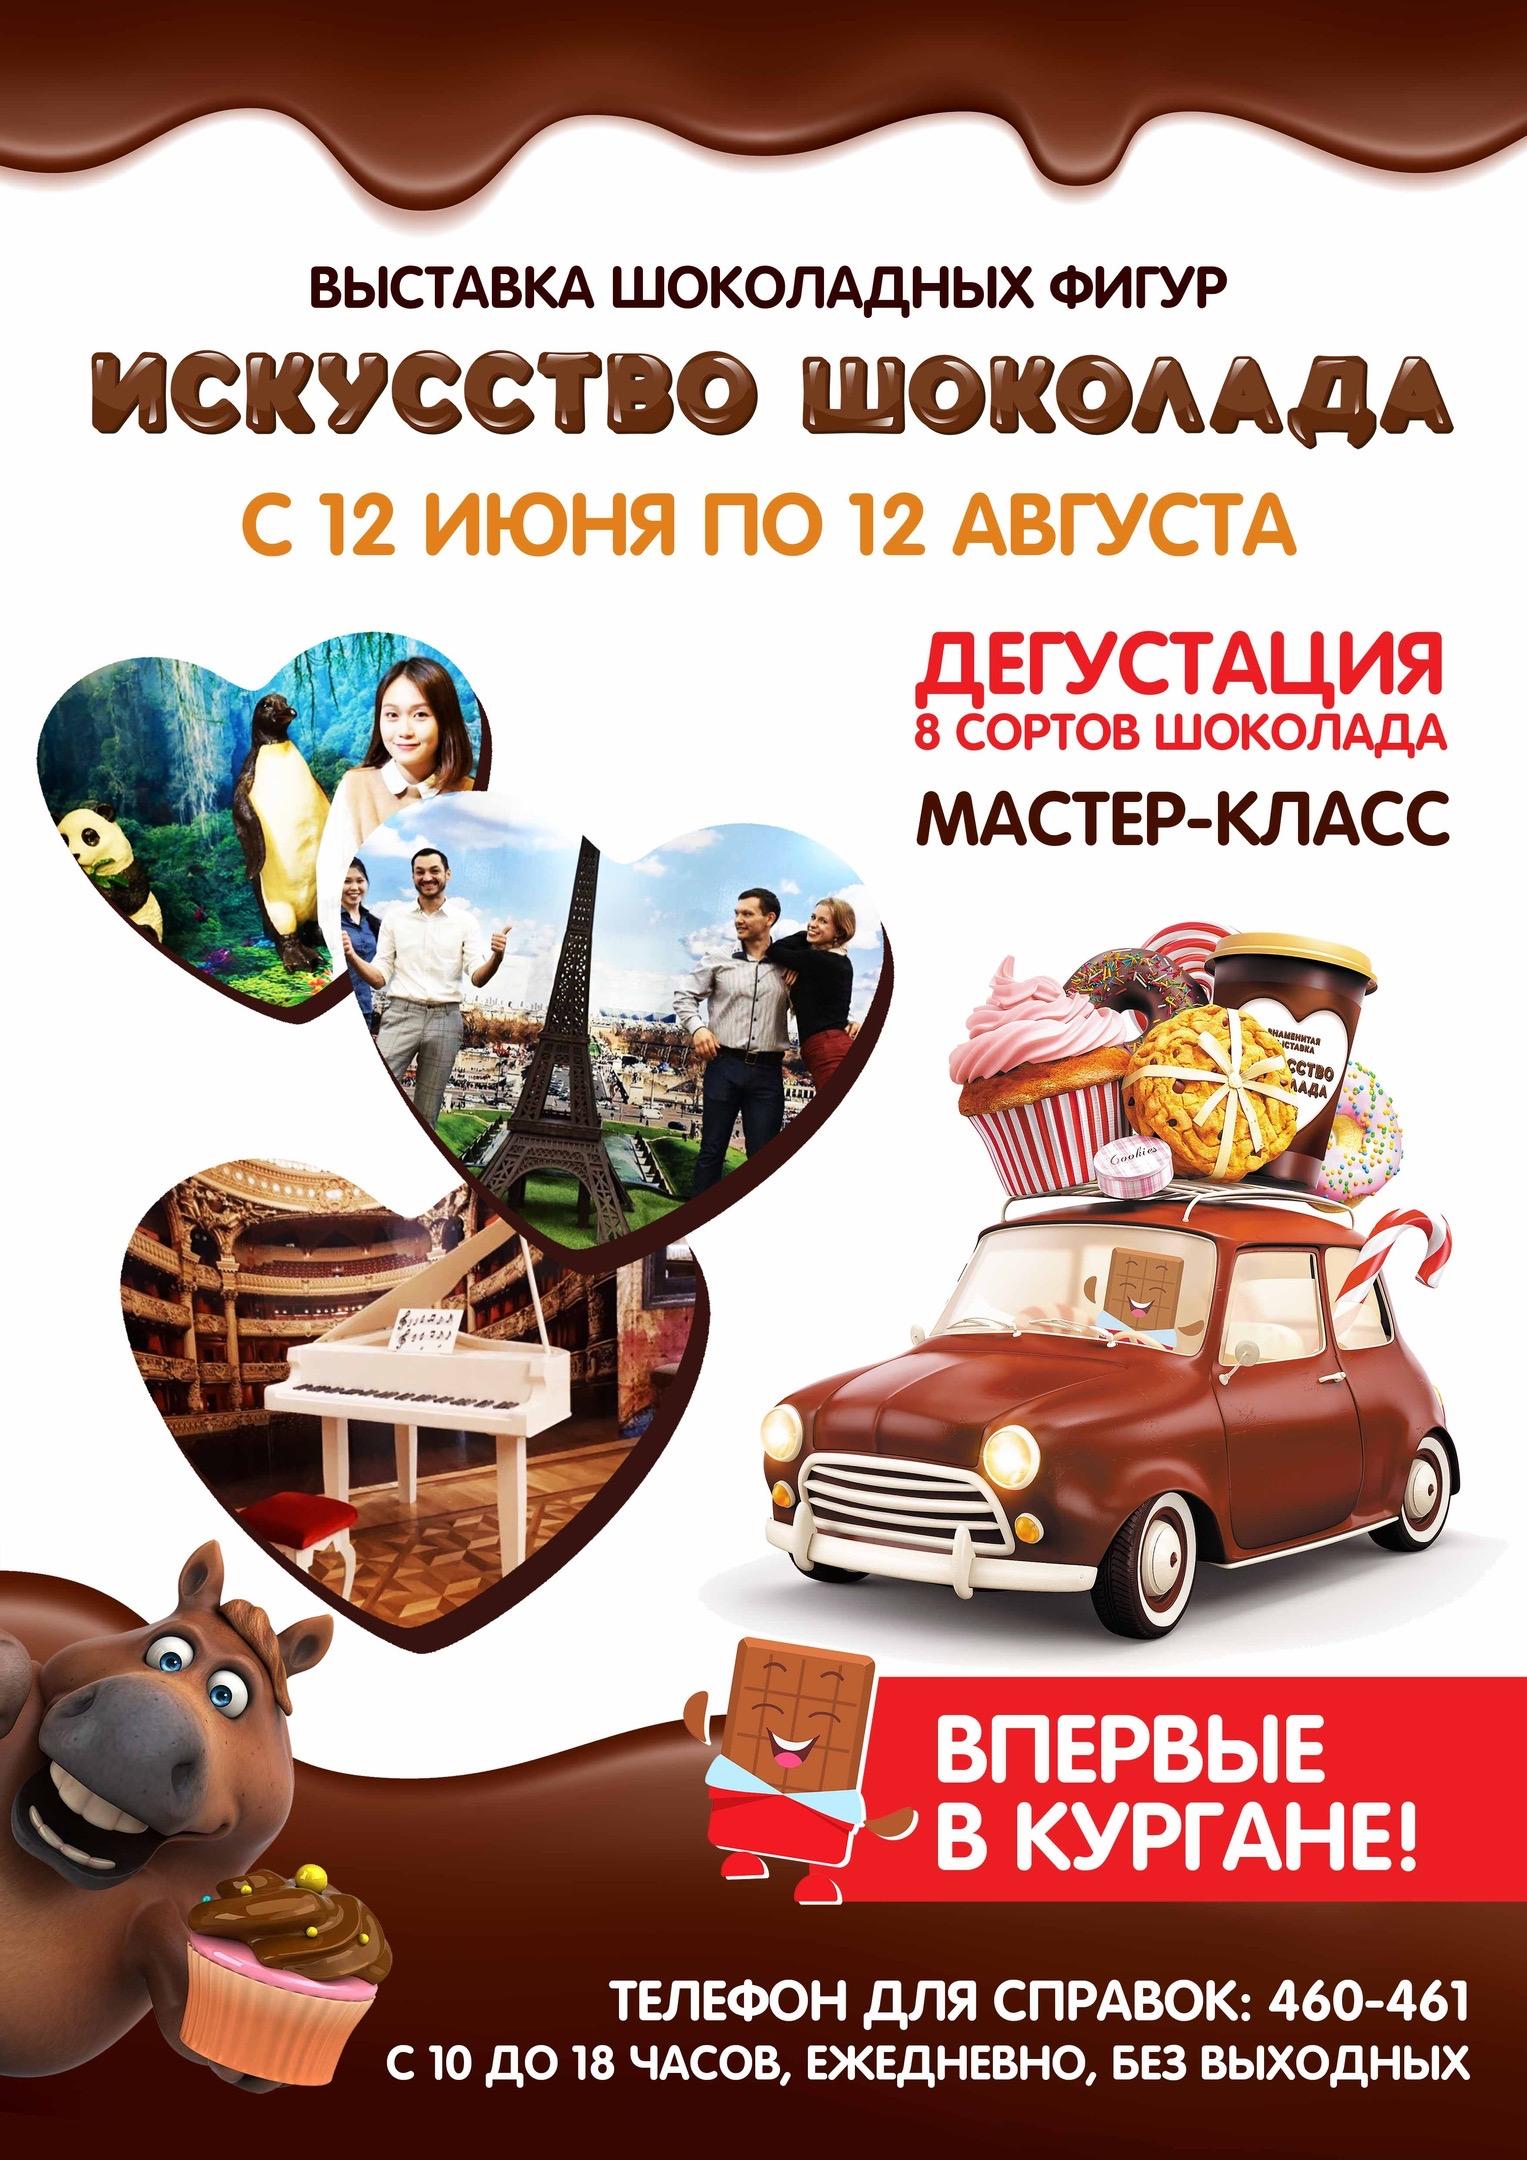 Областной культурно-выставочный центр Выставка шоколадных фигур ИСКУССТВО ШОКОЛАДА курган афиша расписание